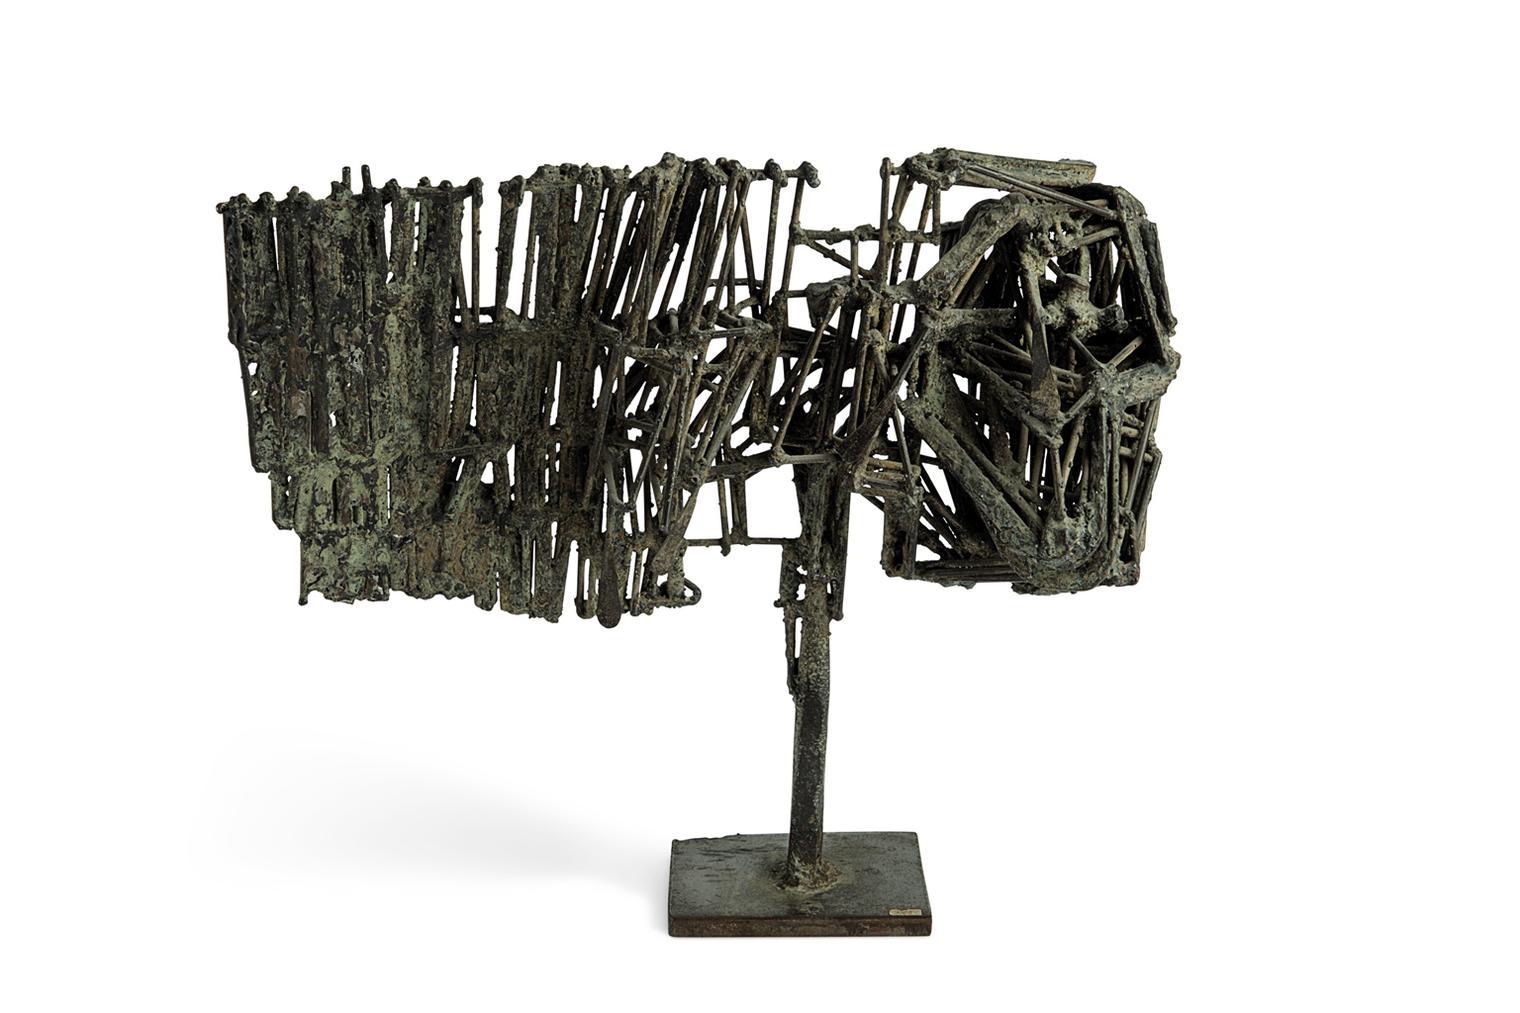 Cesar-Aile-1959